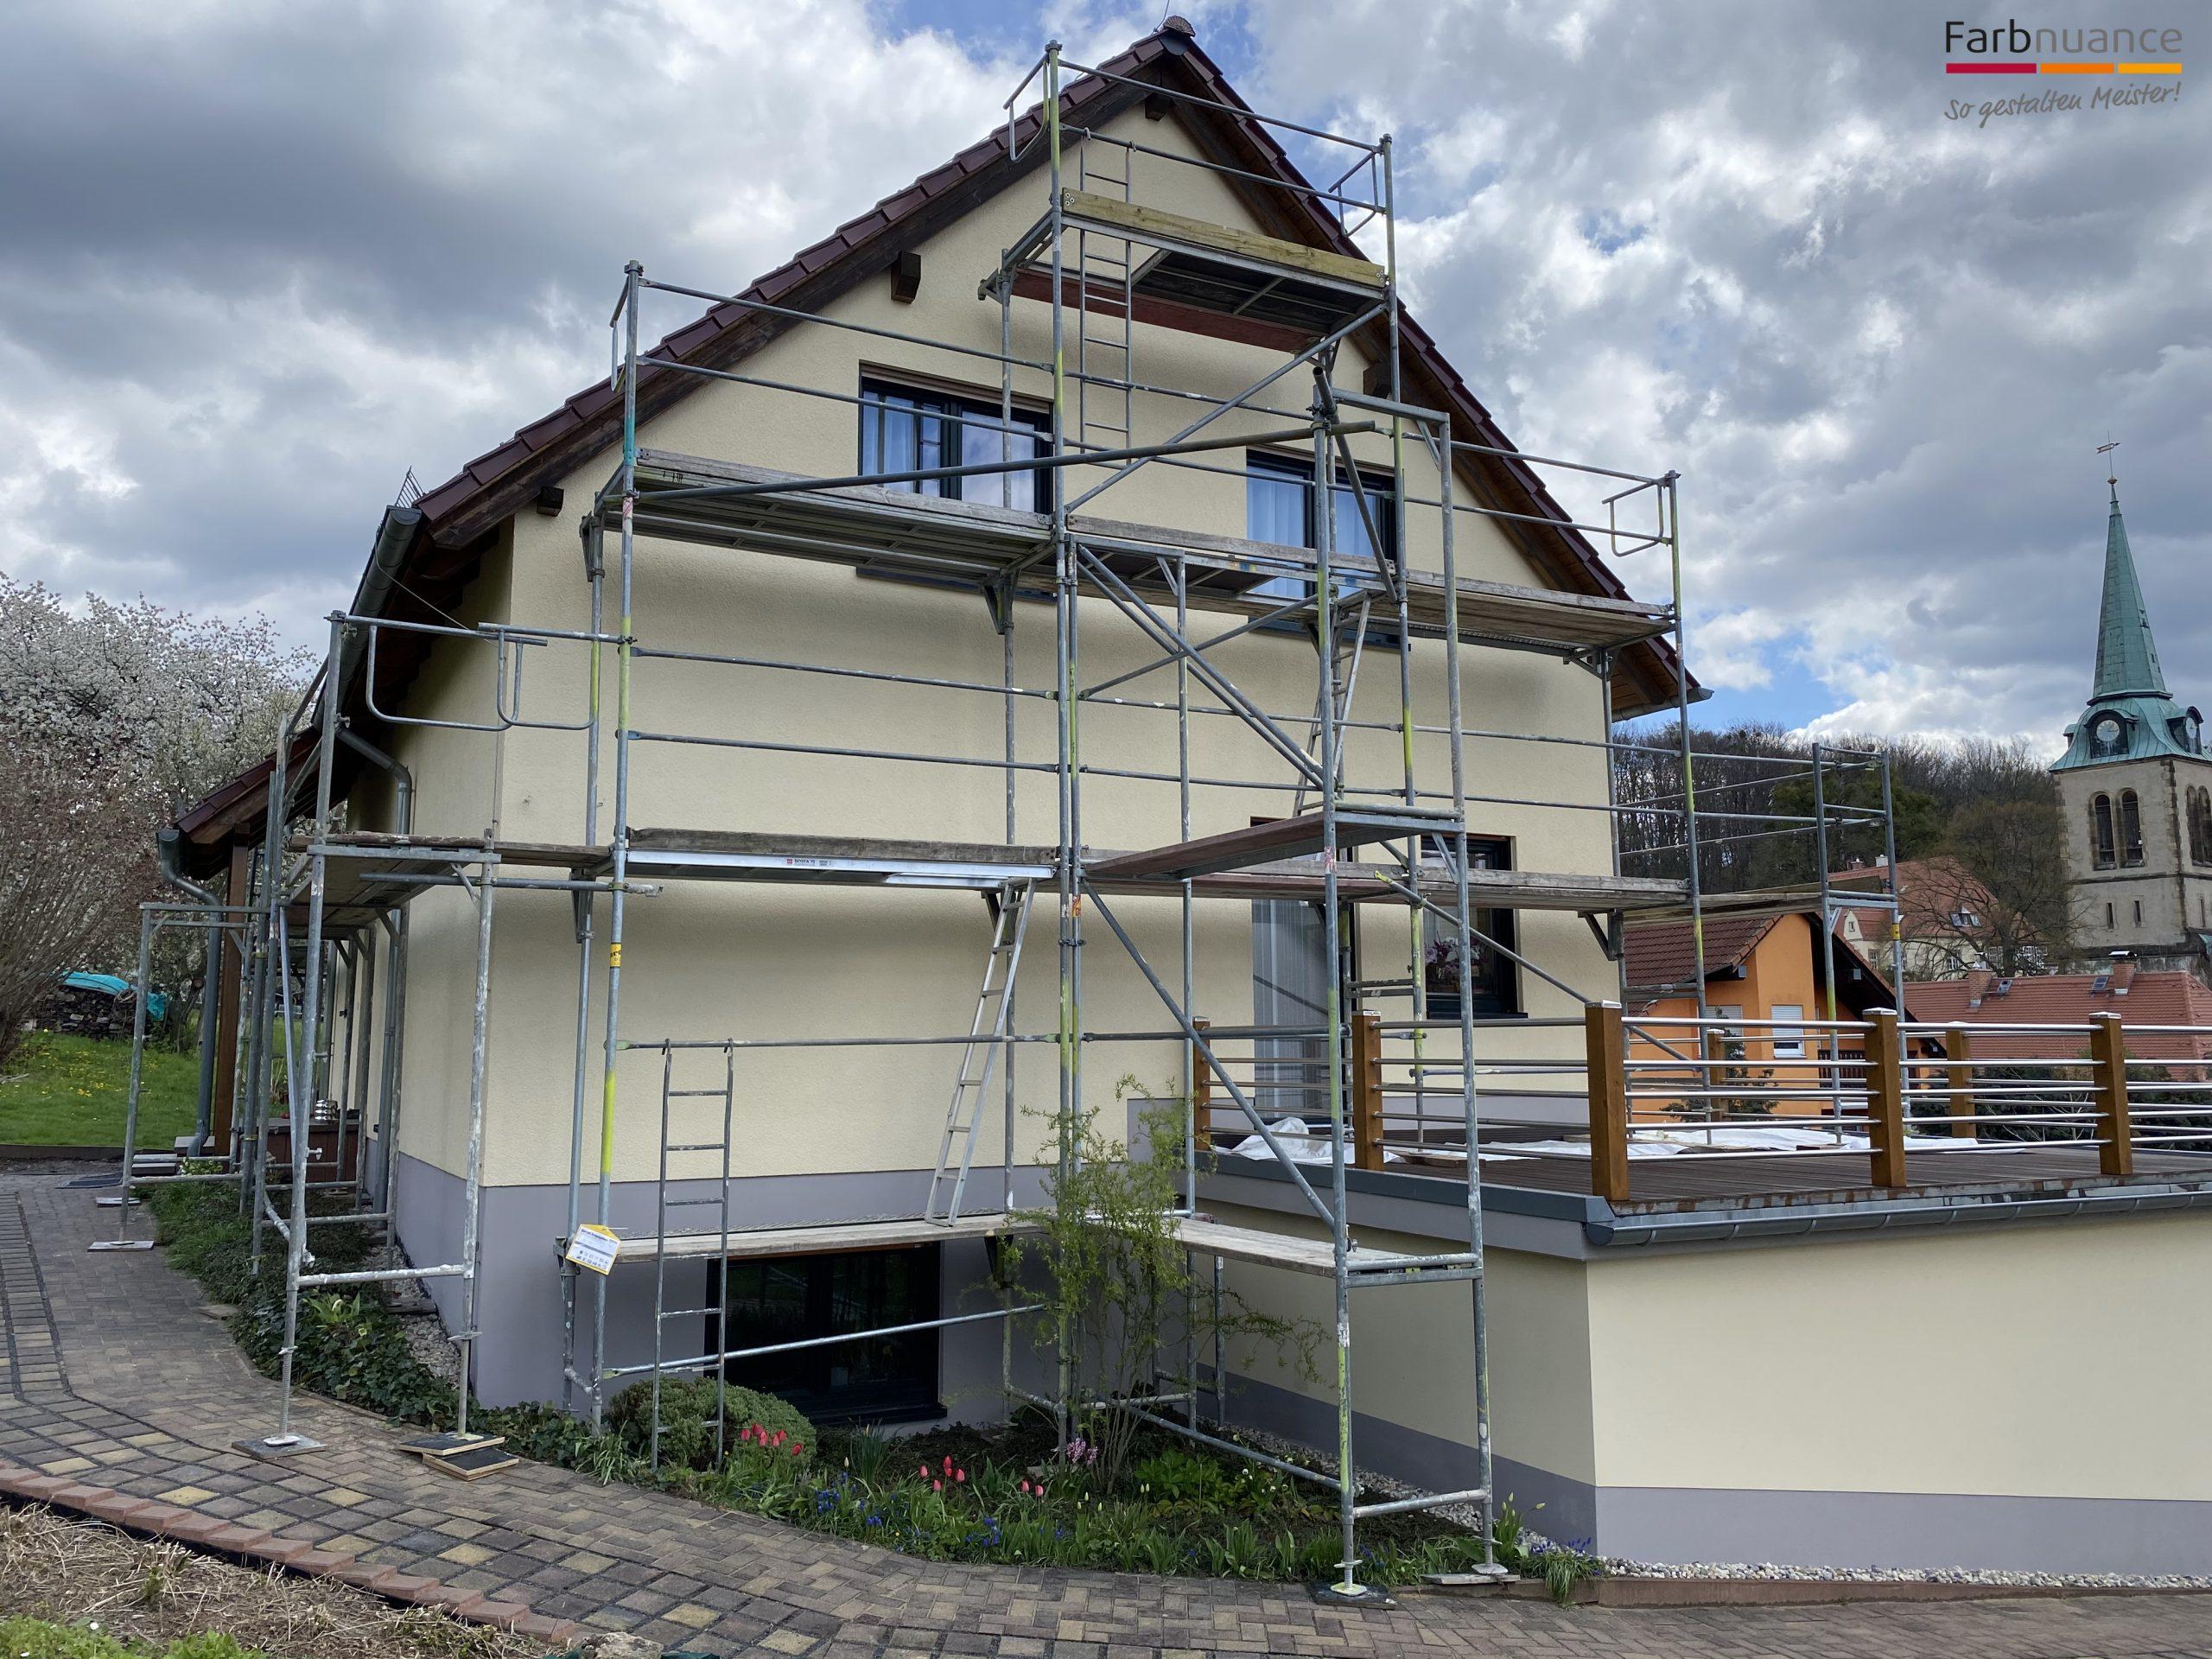 Friedrichswalde, Farbnuance, Maler, Malerarbeiten, Fassade, Fassadenanstrich, Mehrfamilienhaus, Anstrich, Renovierung, Malerfirma (2)